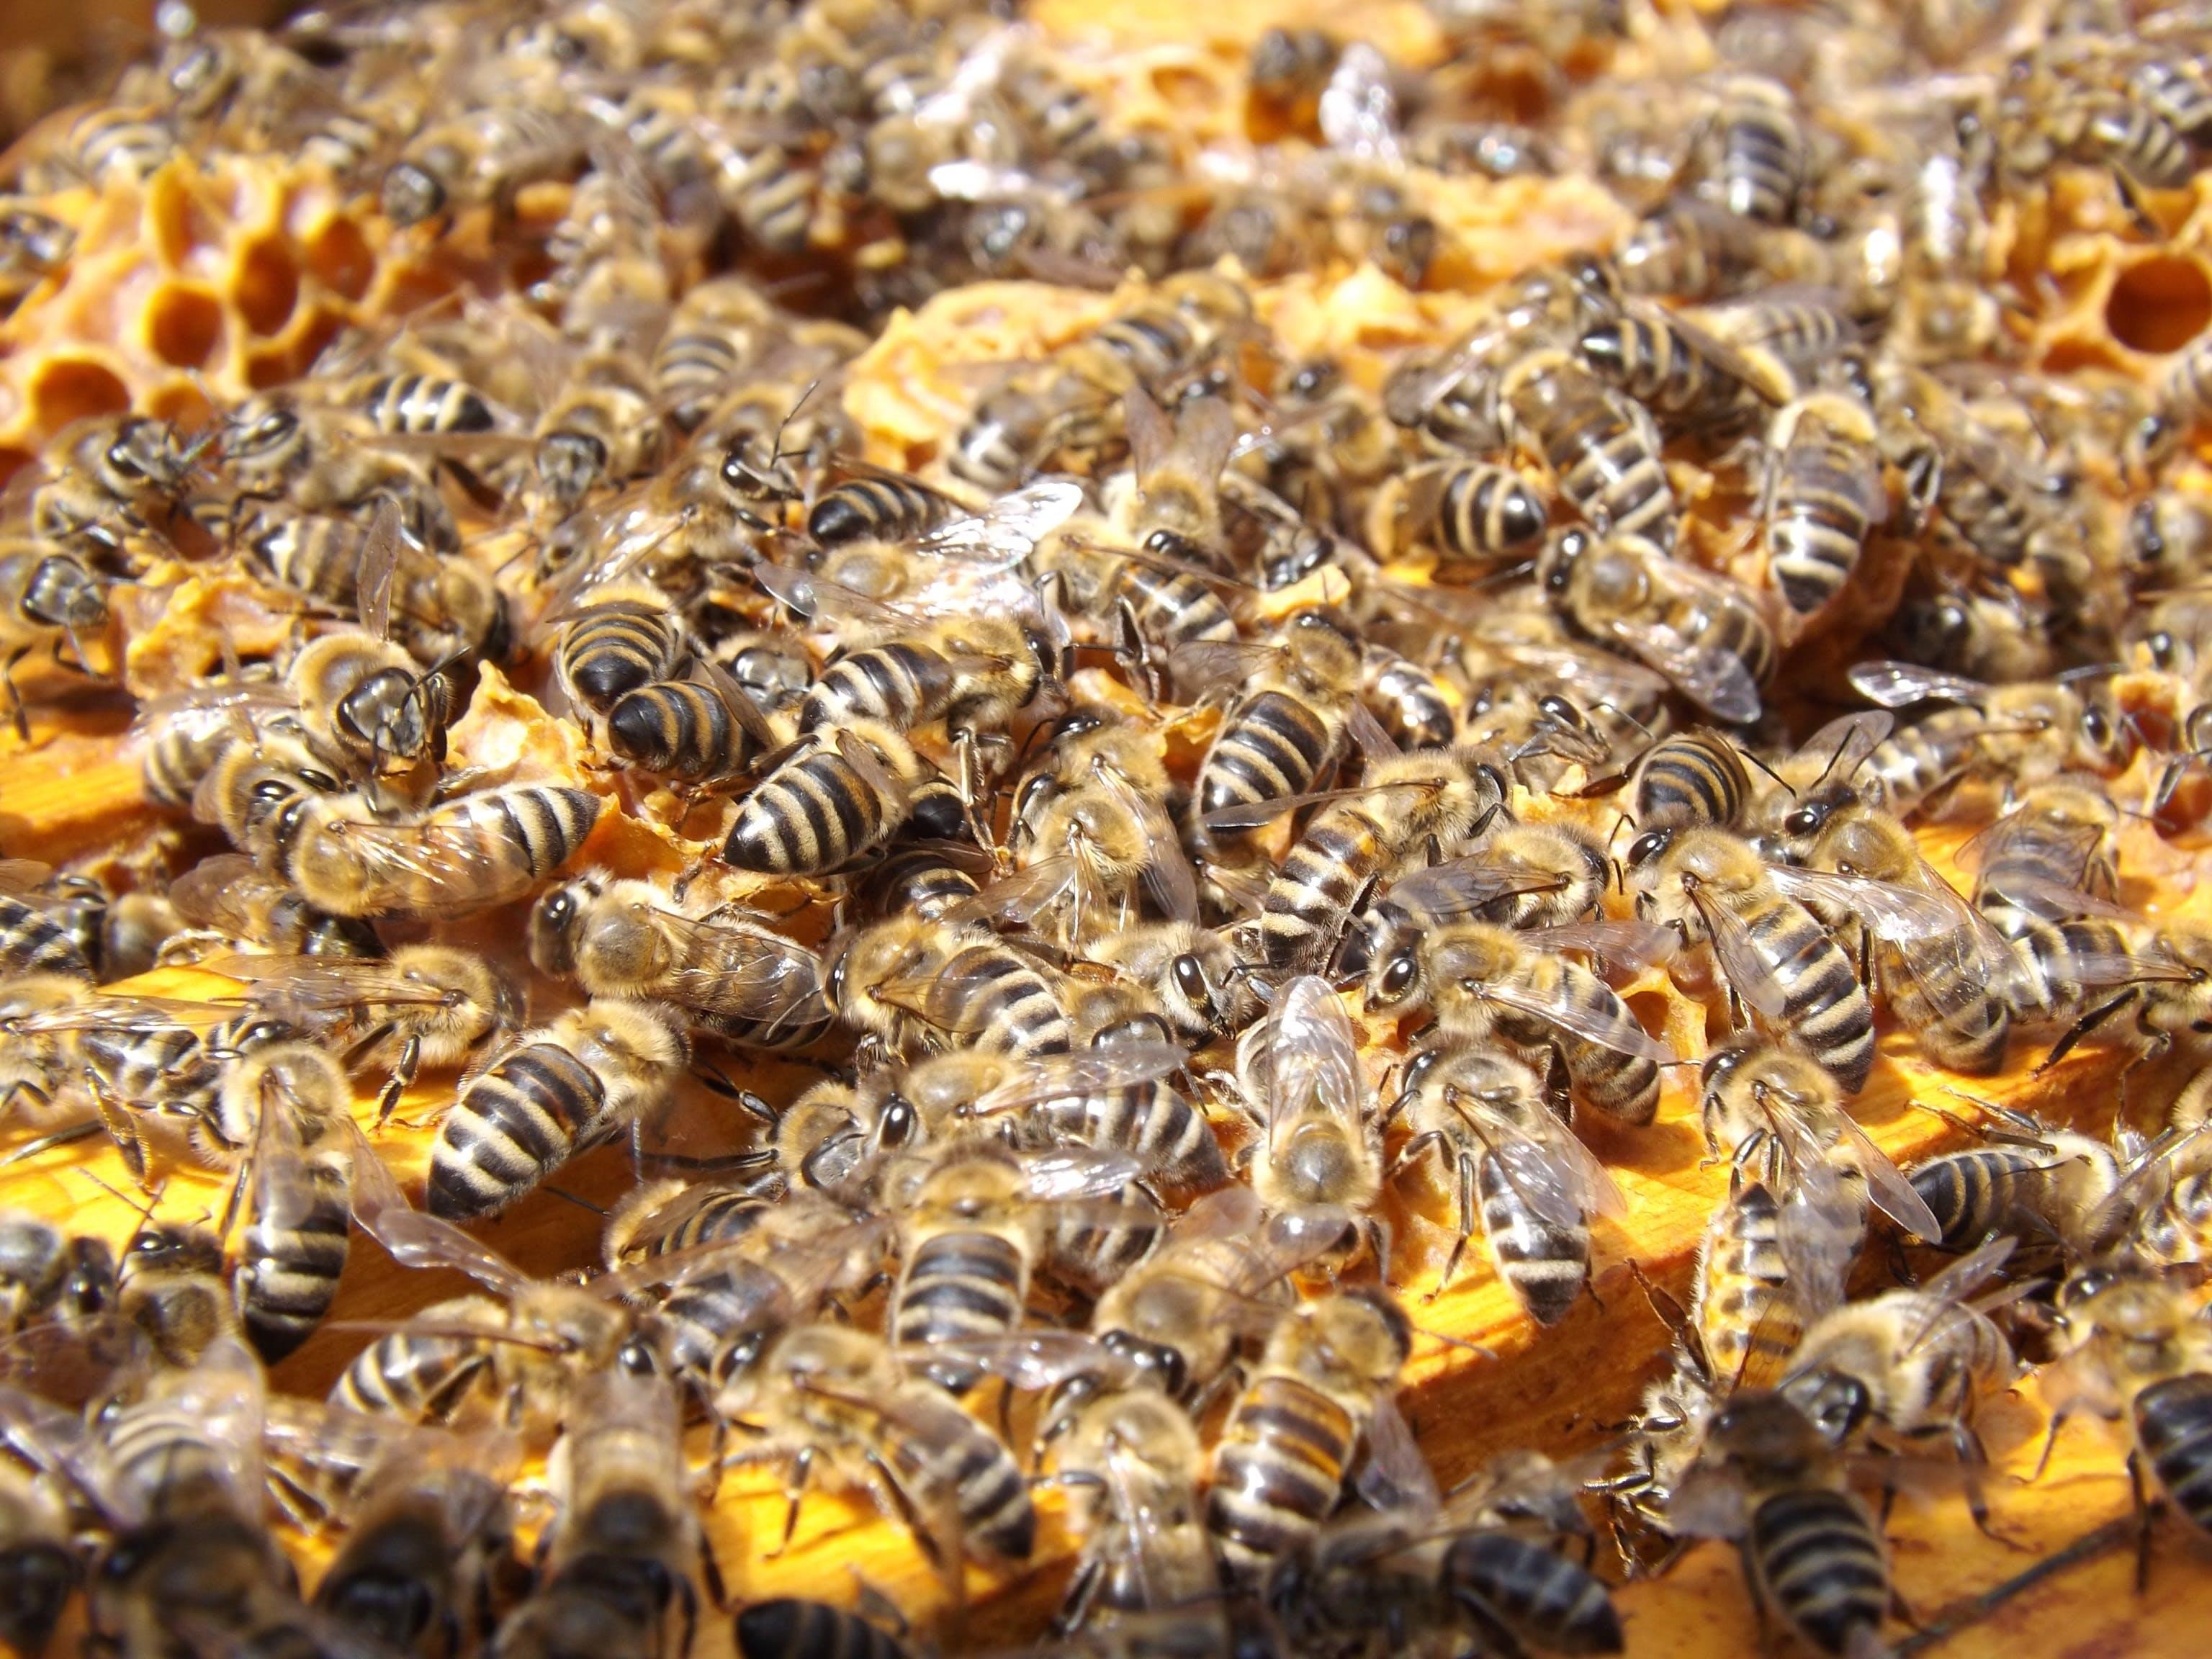 beehive, beekeeping, bees